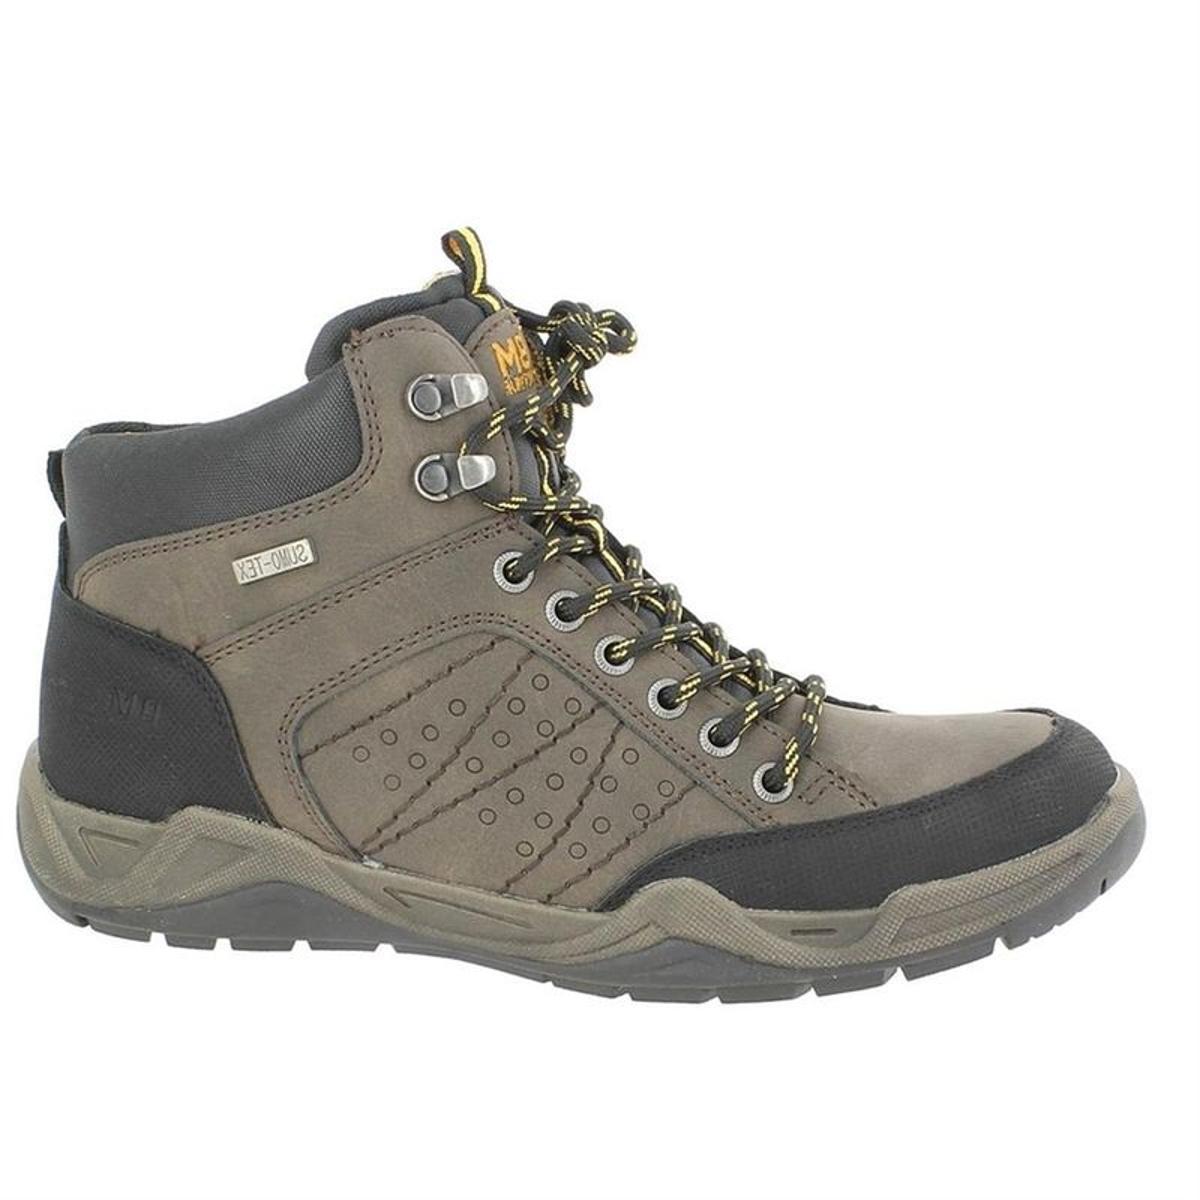 bottines  /  boots textile, synthetique